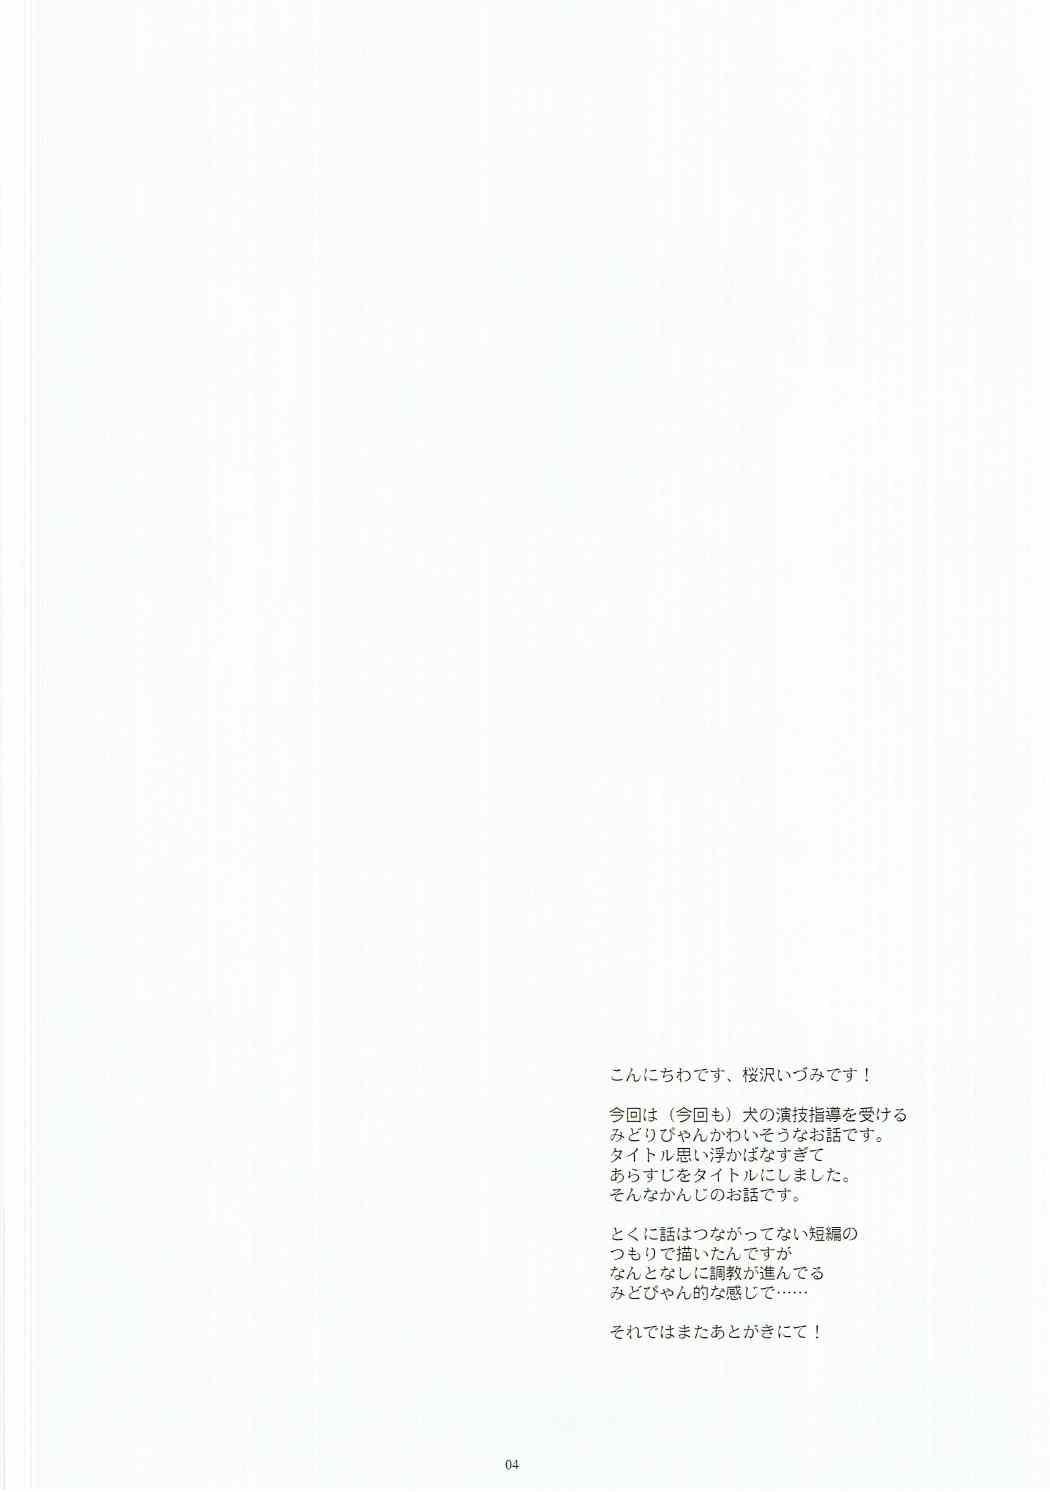 Inu no Engi no Renshuu tte Damasarete Choukyou Sareru JS Ojou-sama Kawaisou 2